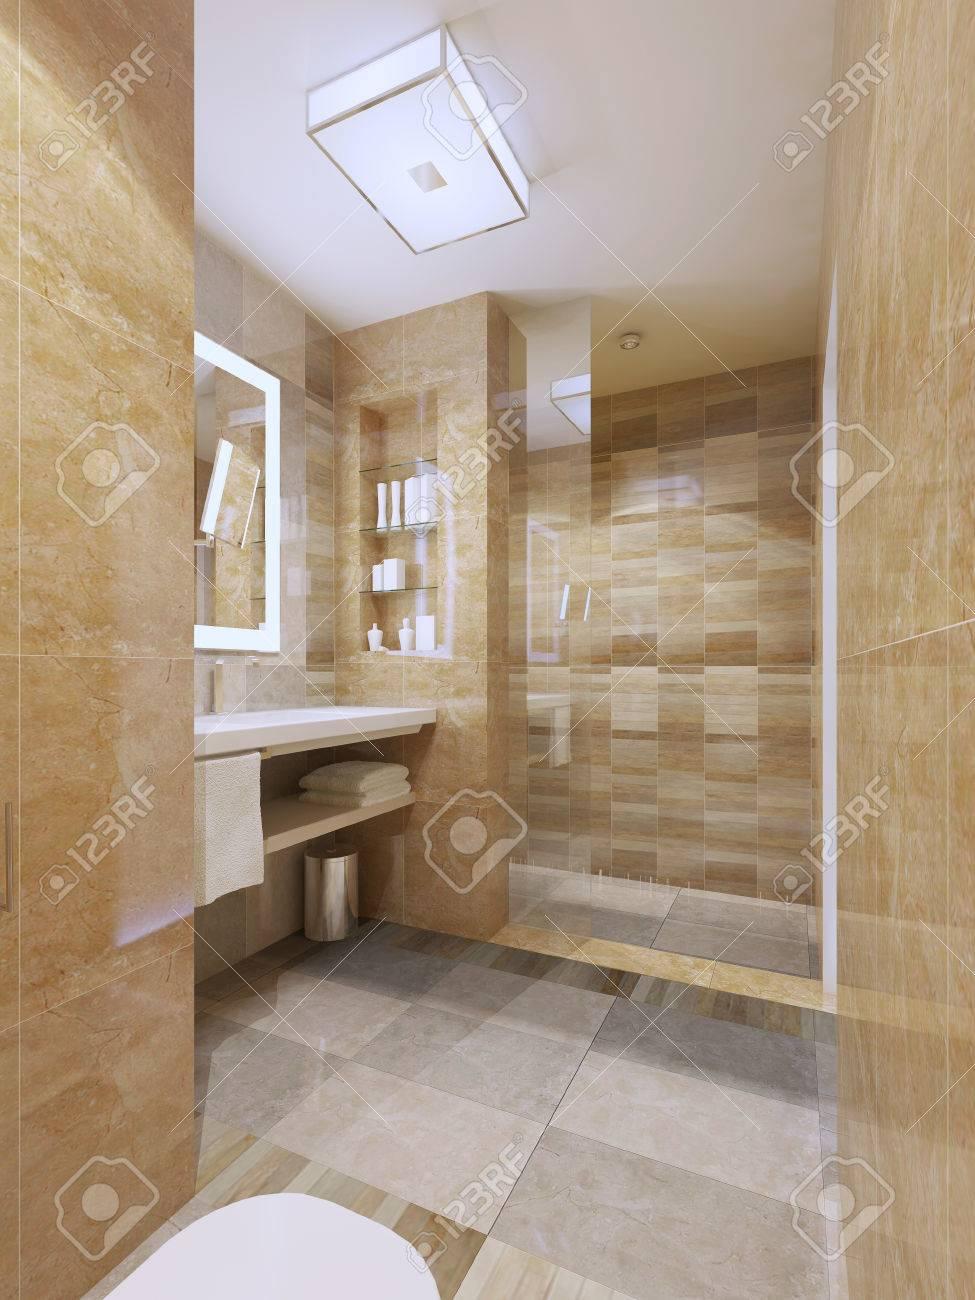 Diseño Contemporáneo Del Cuarto De Baño. Concepto De Decoración ...